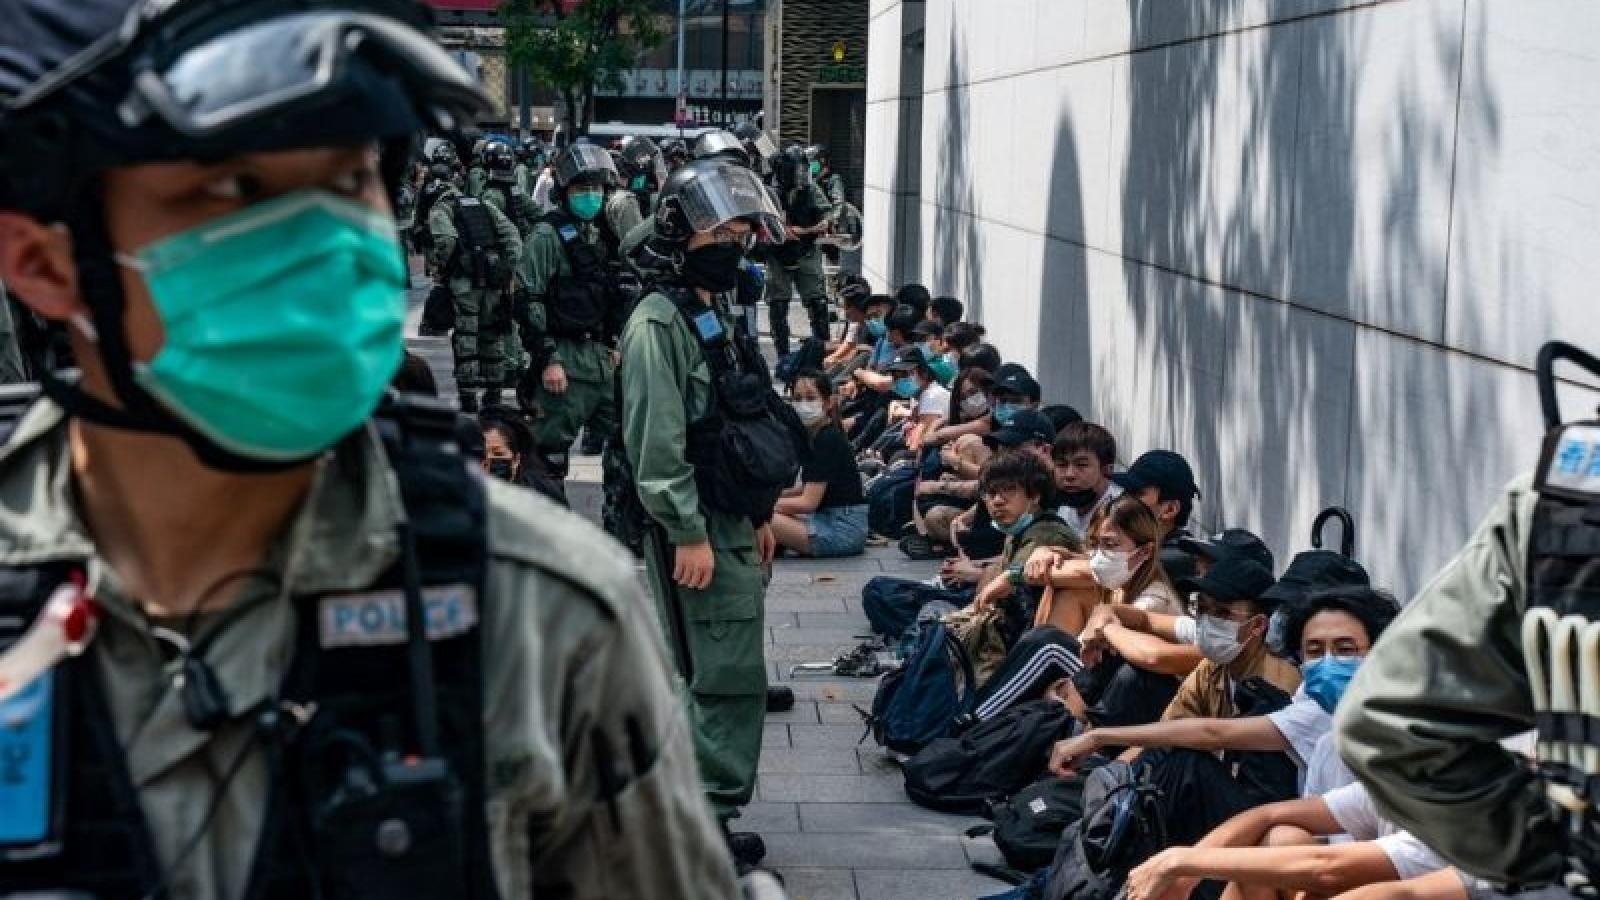 Số người bị bắt giữ do biểu tình tại Hong Kong, Trung Quốc gia tăng